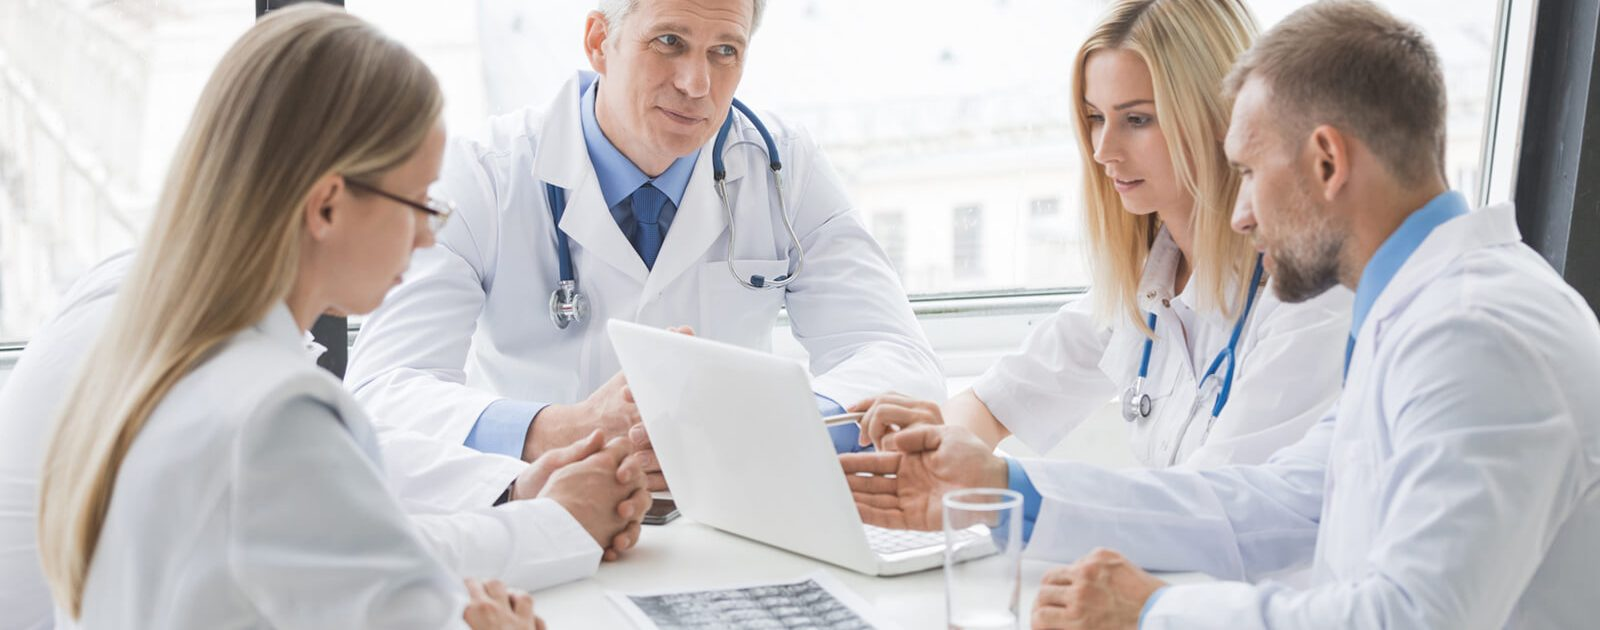 Ärzte schauen sich die Ergebnisse des Gleason Scores eines Patienten an, um über die weitere Behandlung zu entscheiden.